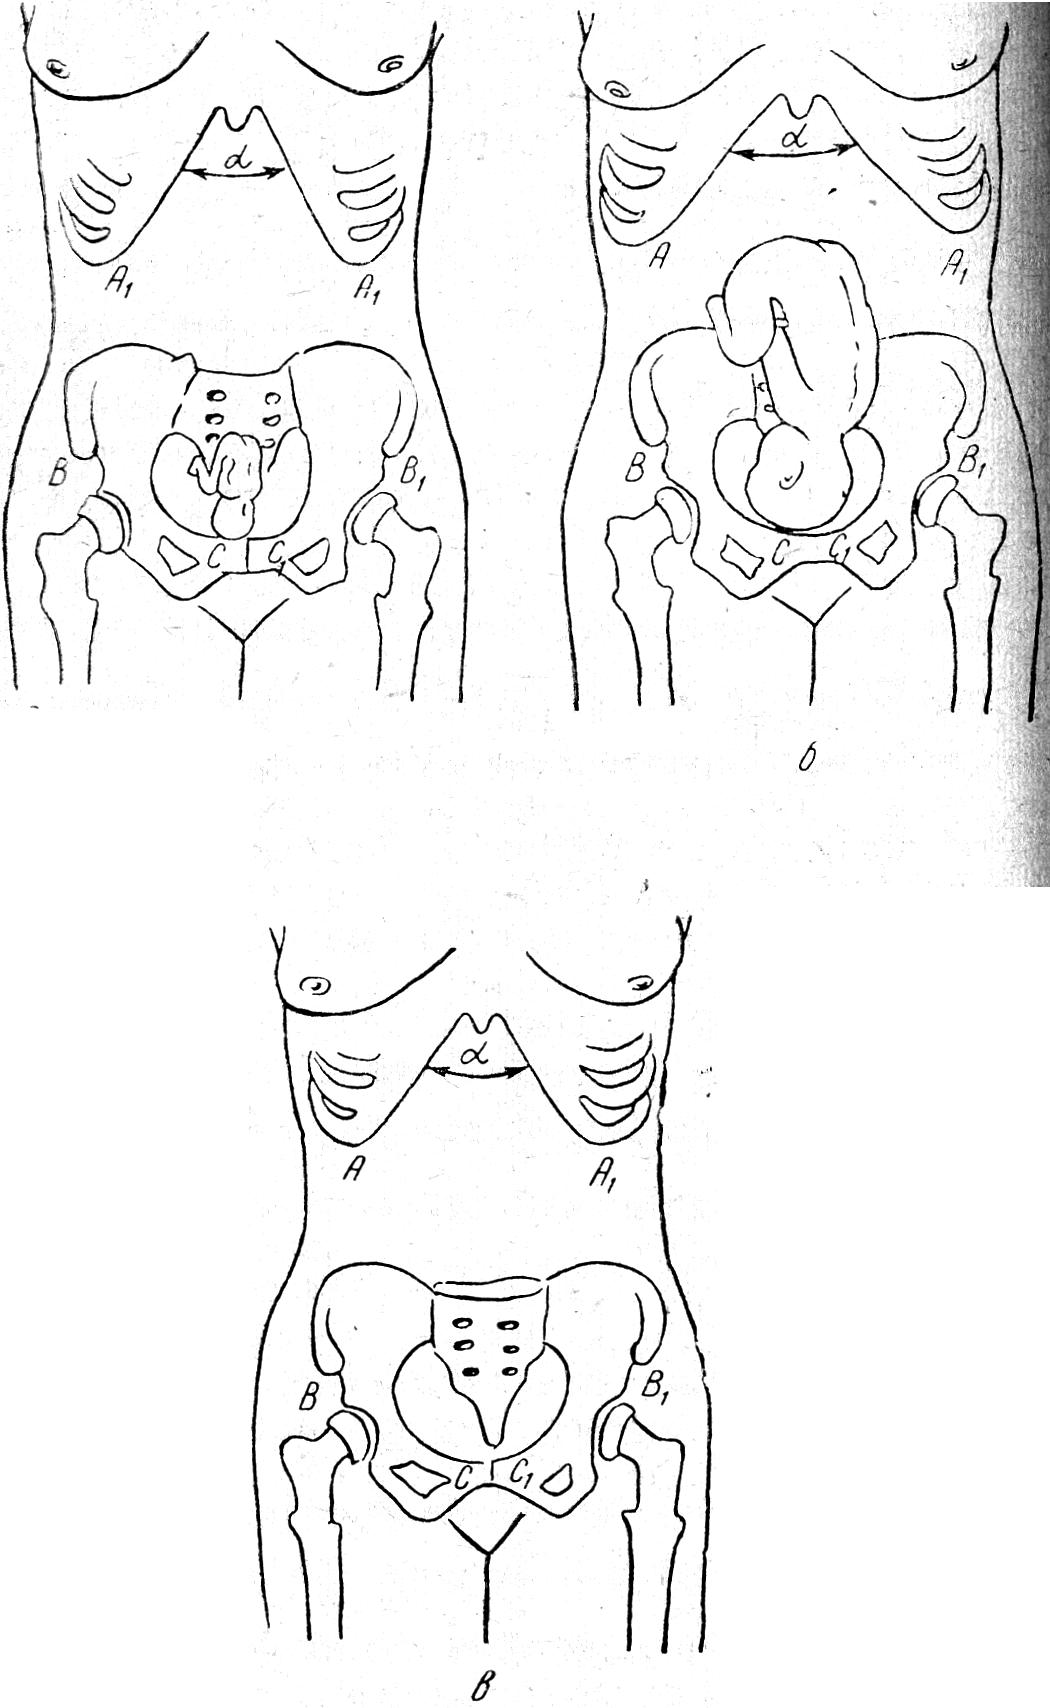 При беременности болит поясница при ходьбе